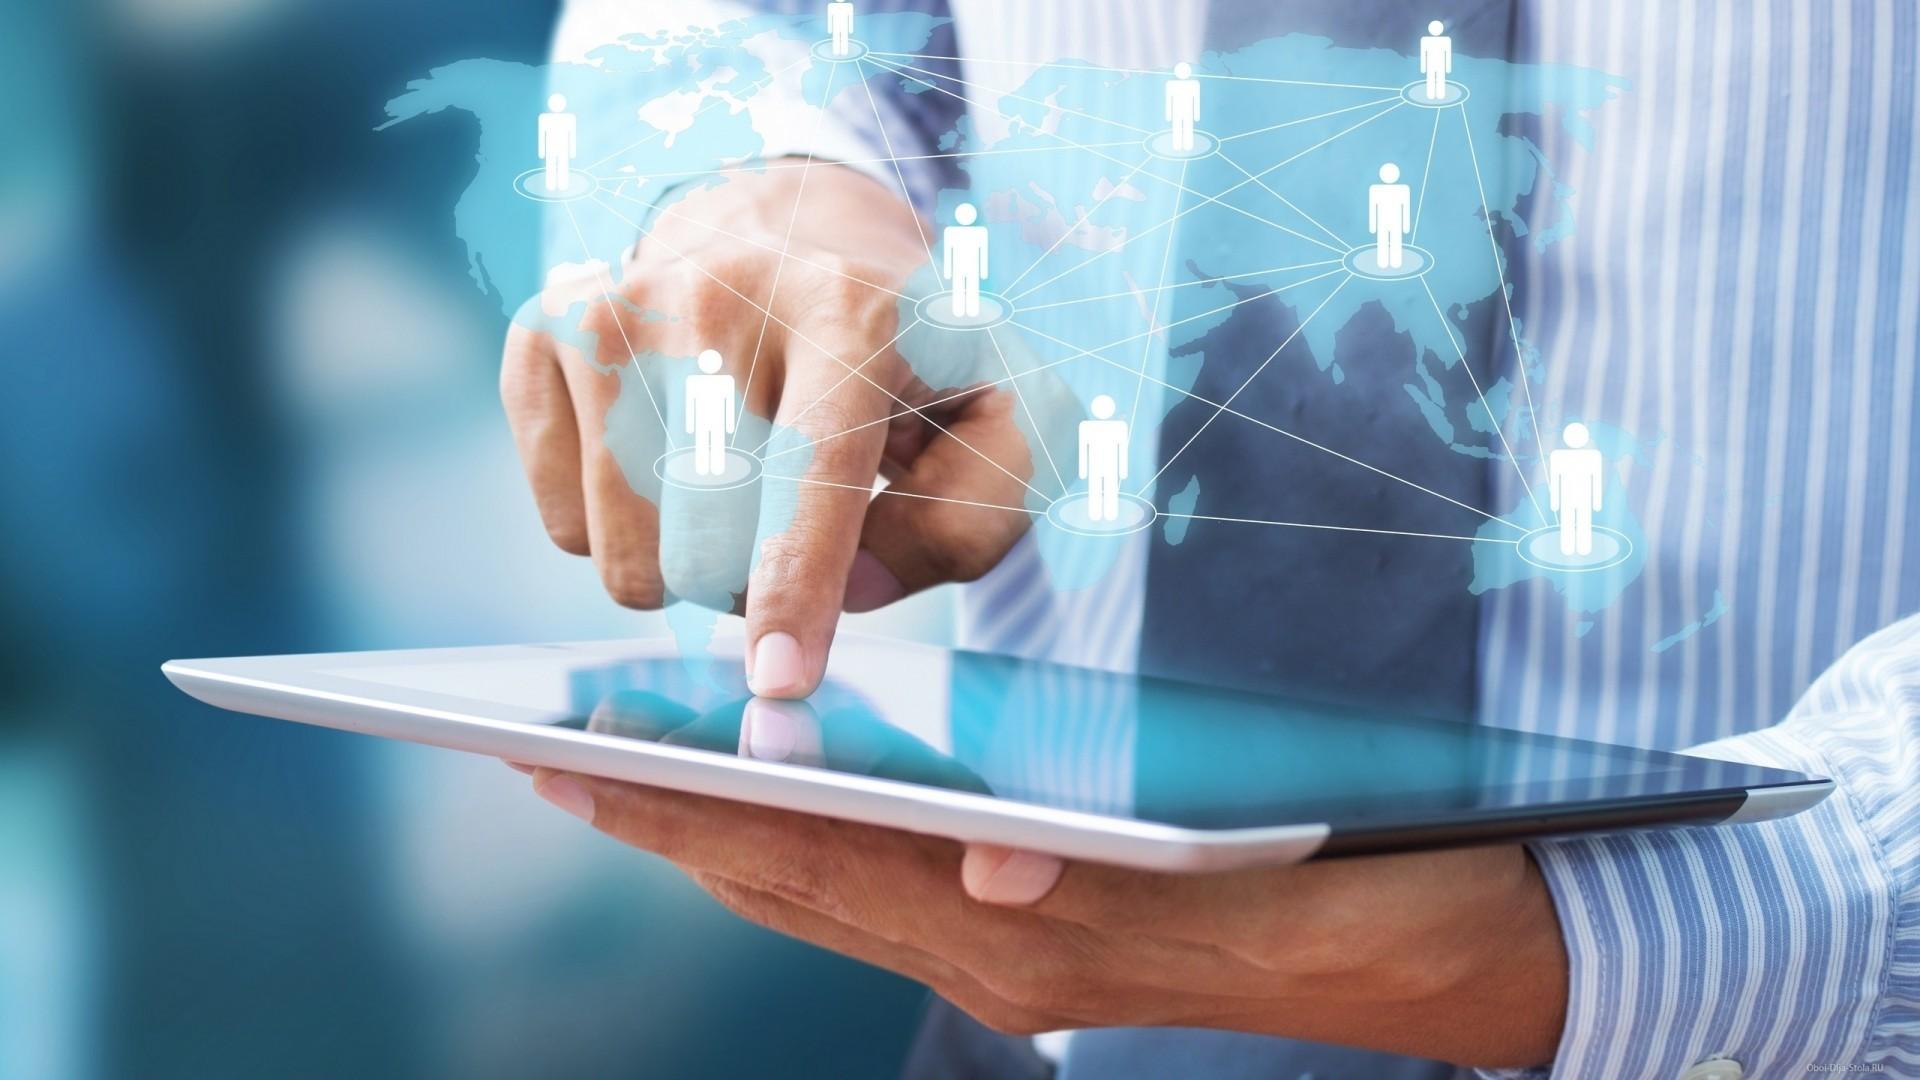 Информационно-образовательная среда: технологии, организация, учебный процесс